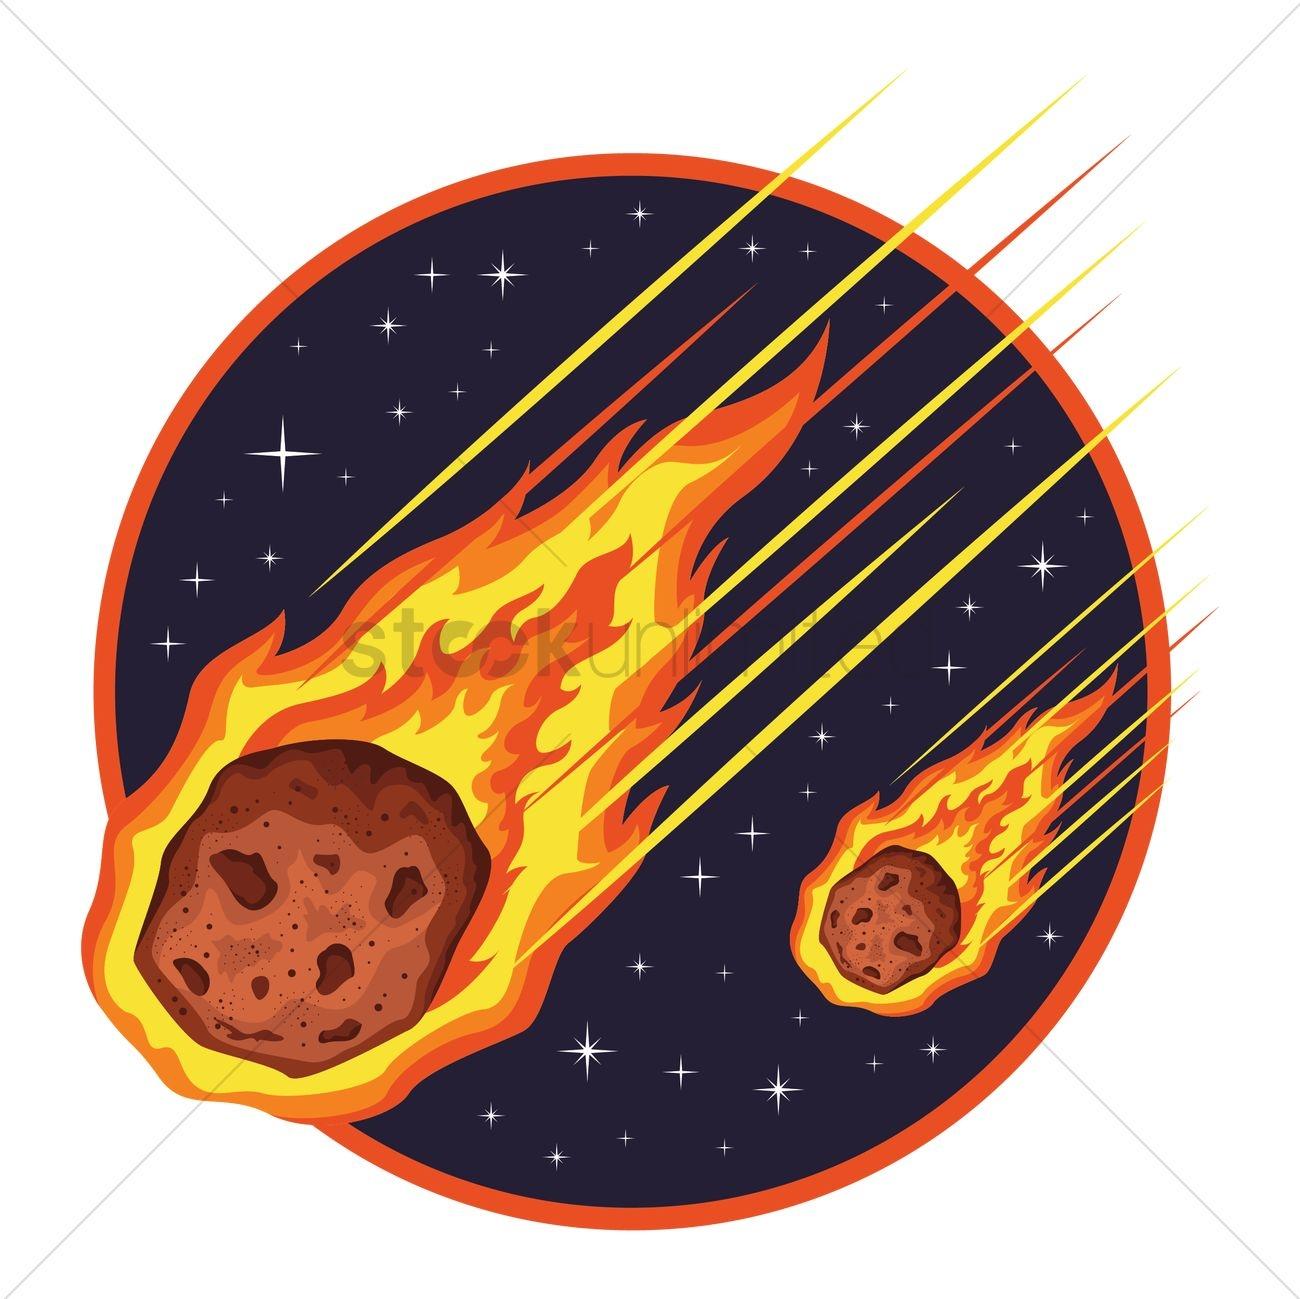 Meteor clipart. Best of design digital